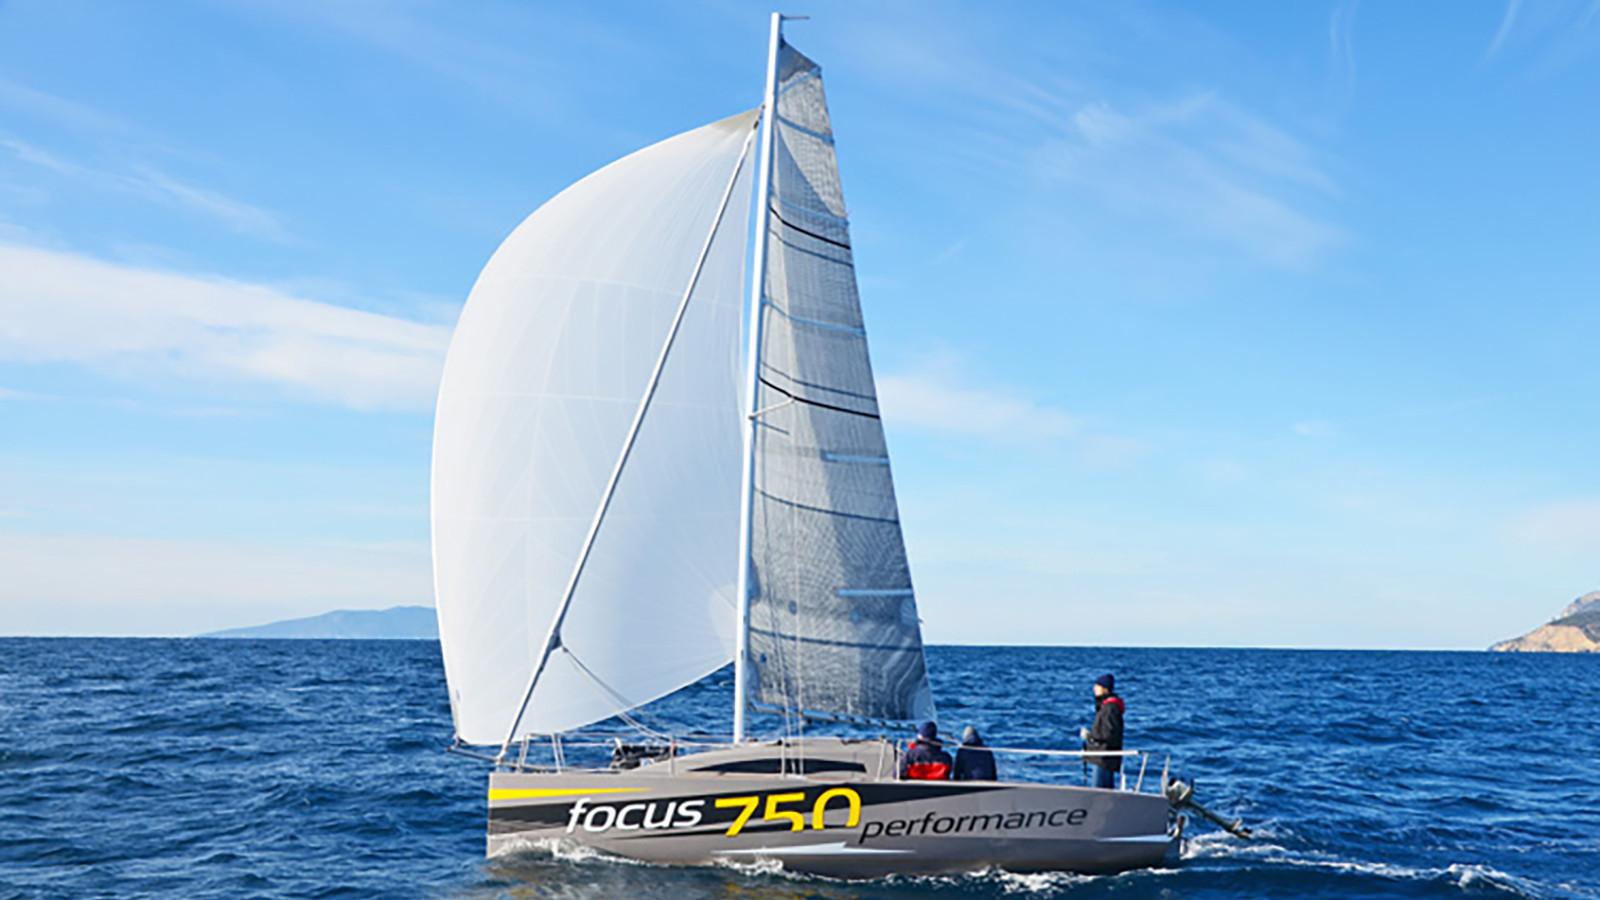 Focus 750 performance - 3